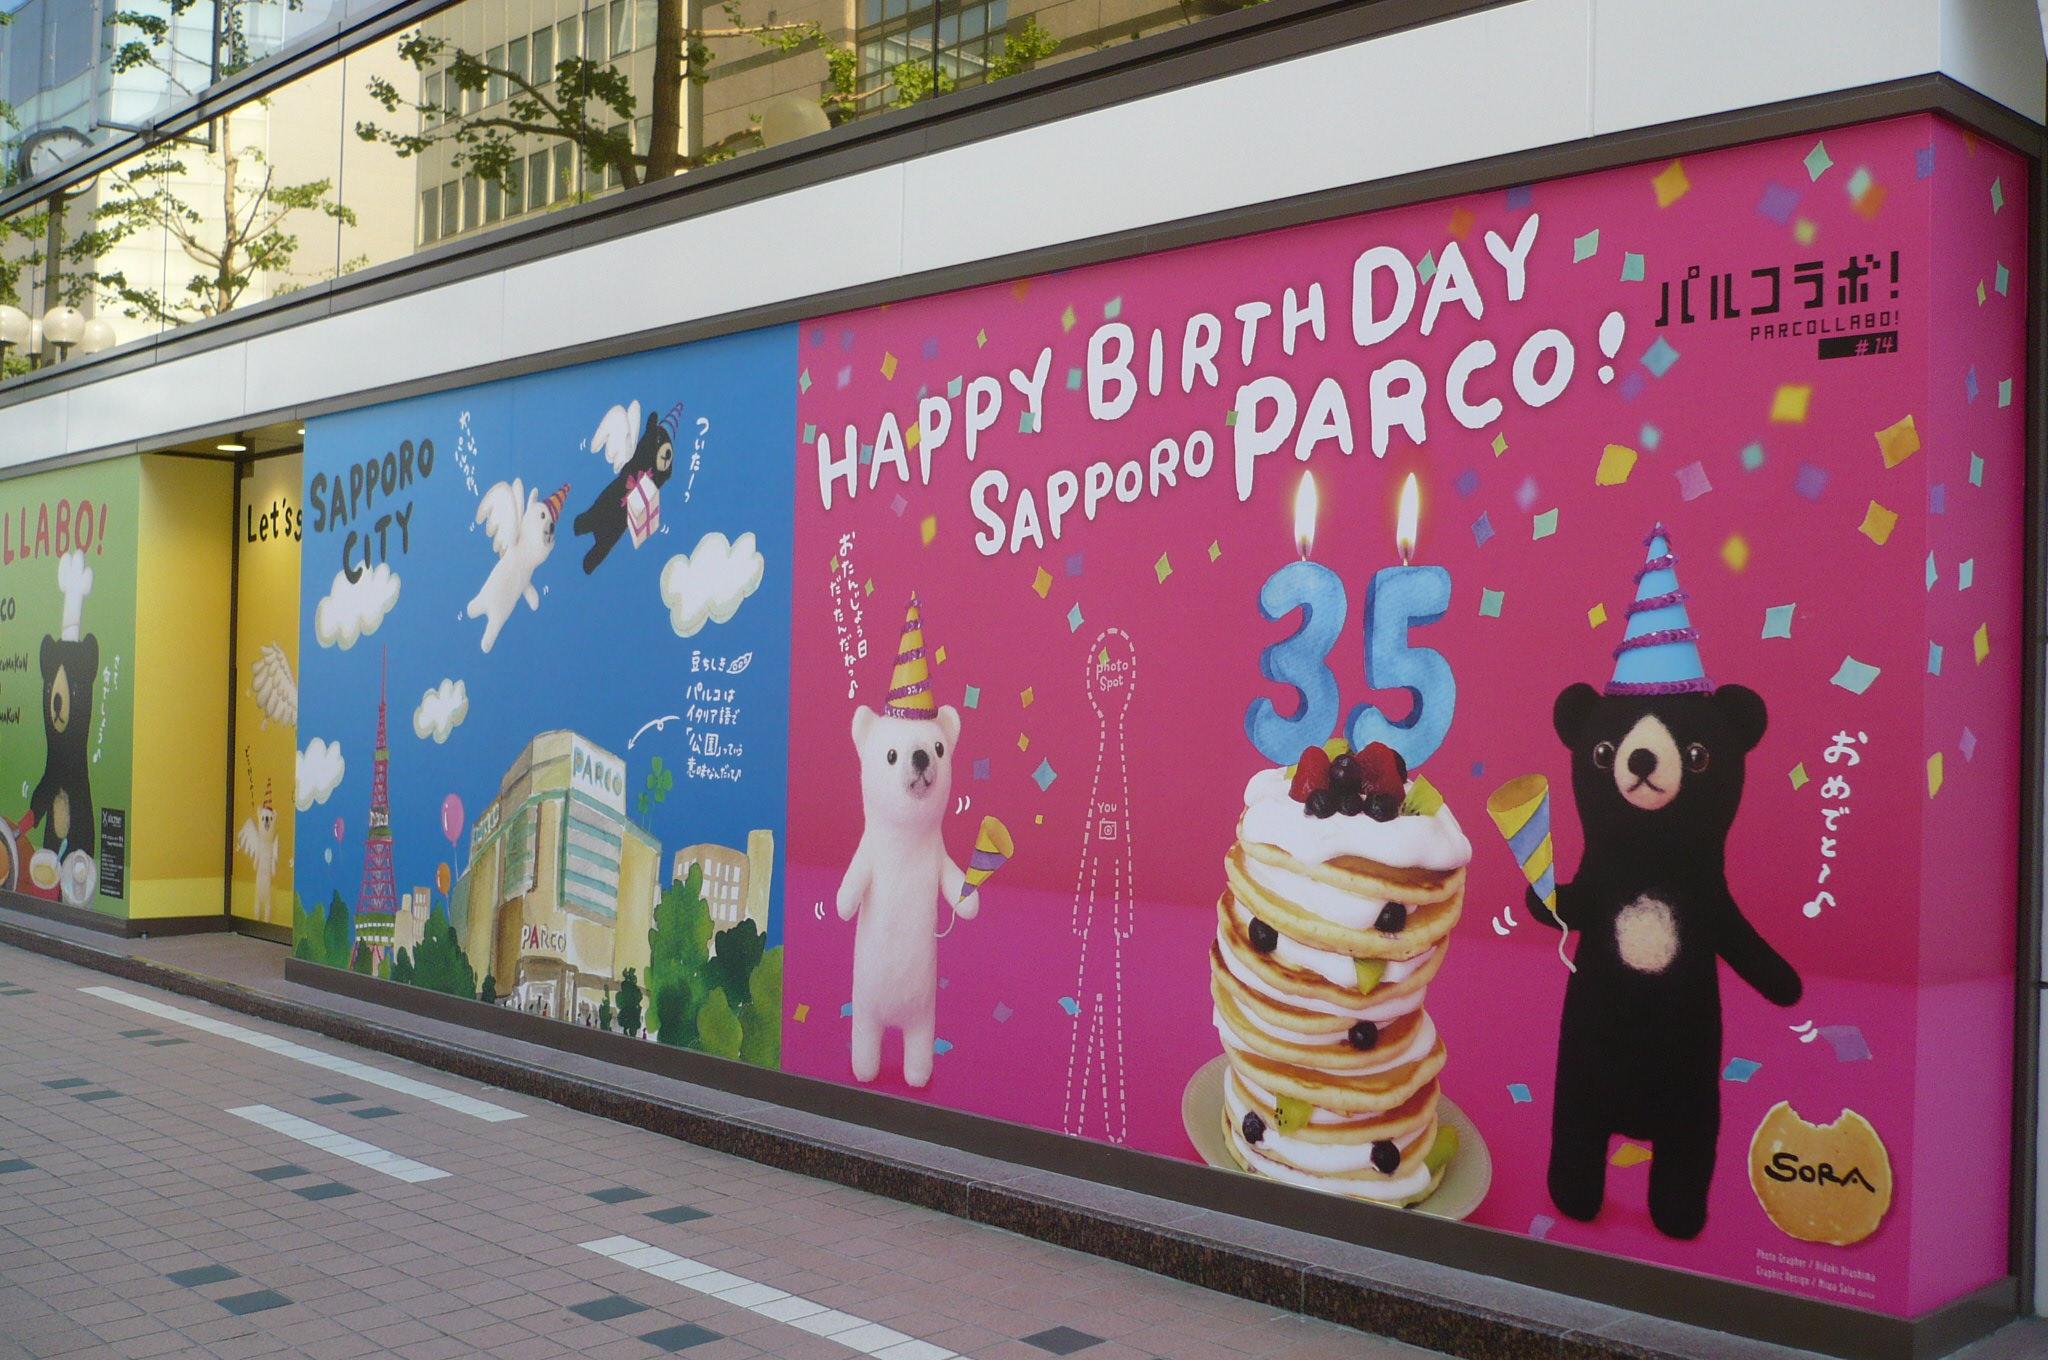 札幌パルコ パルコラボ壁画デザイン